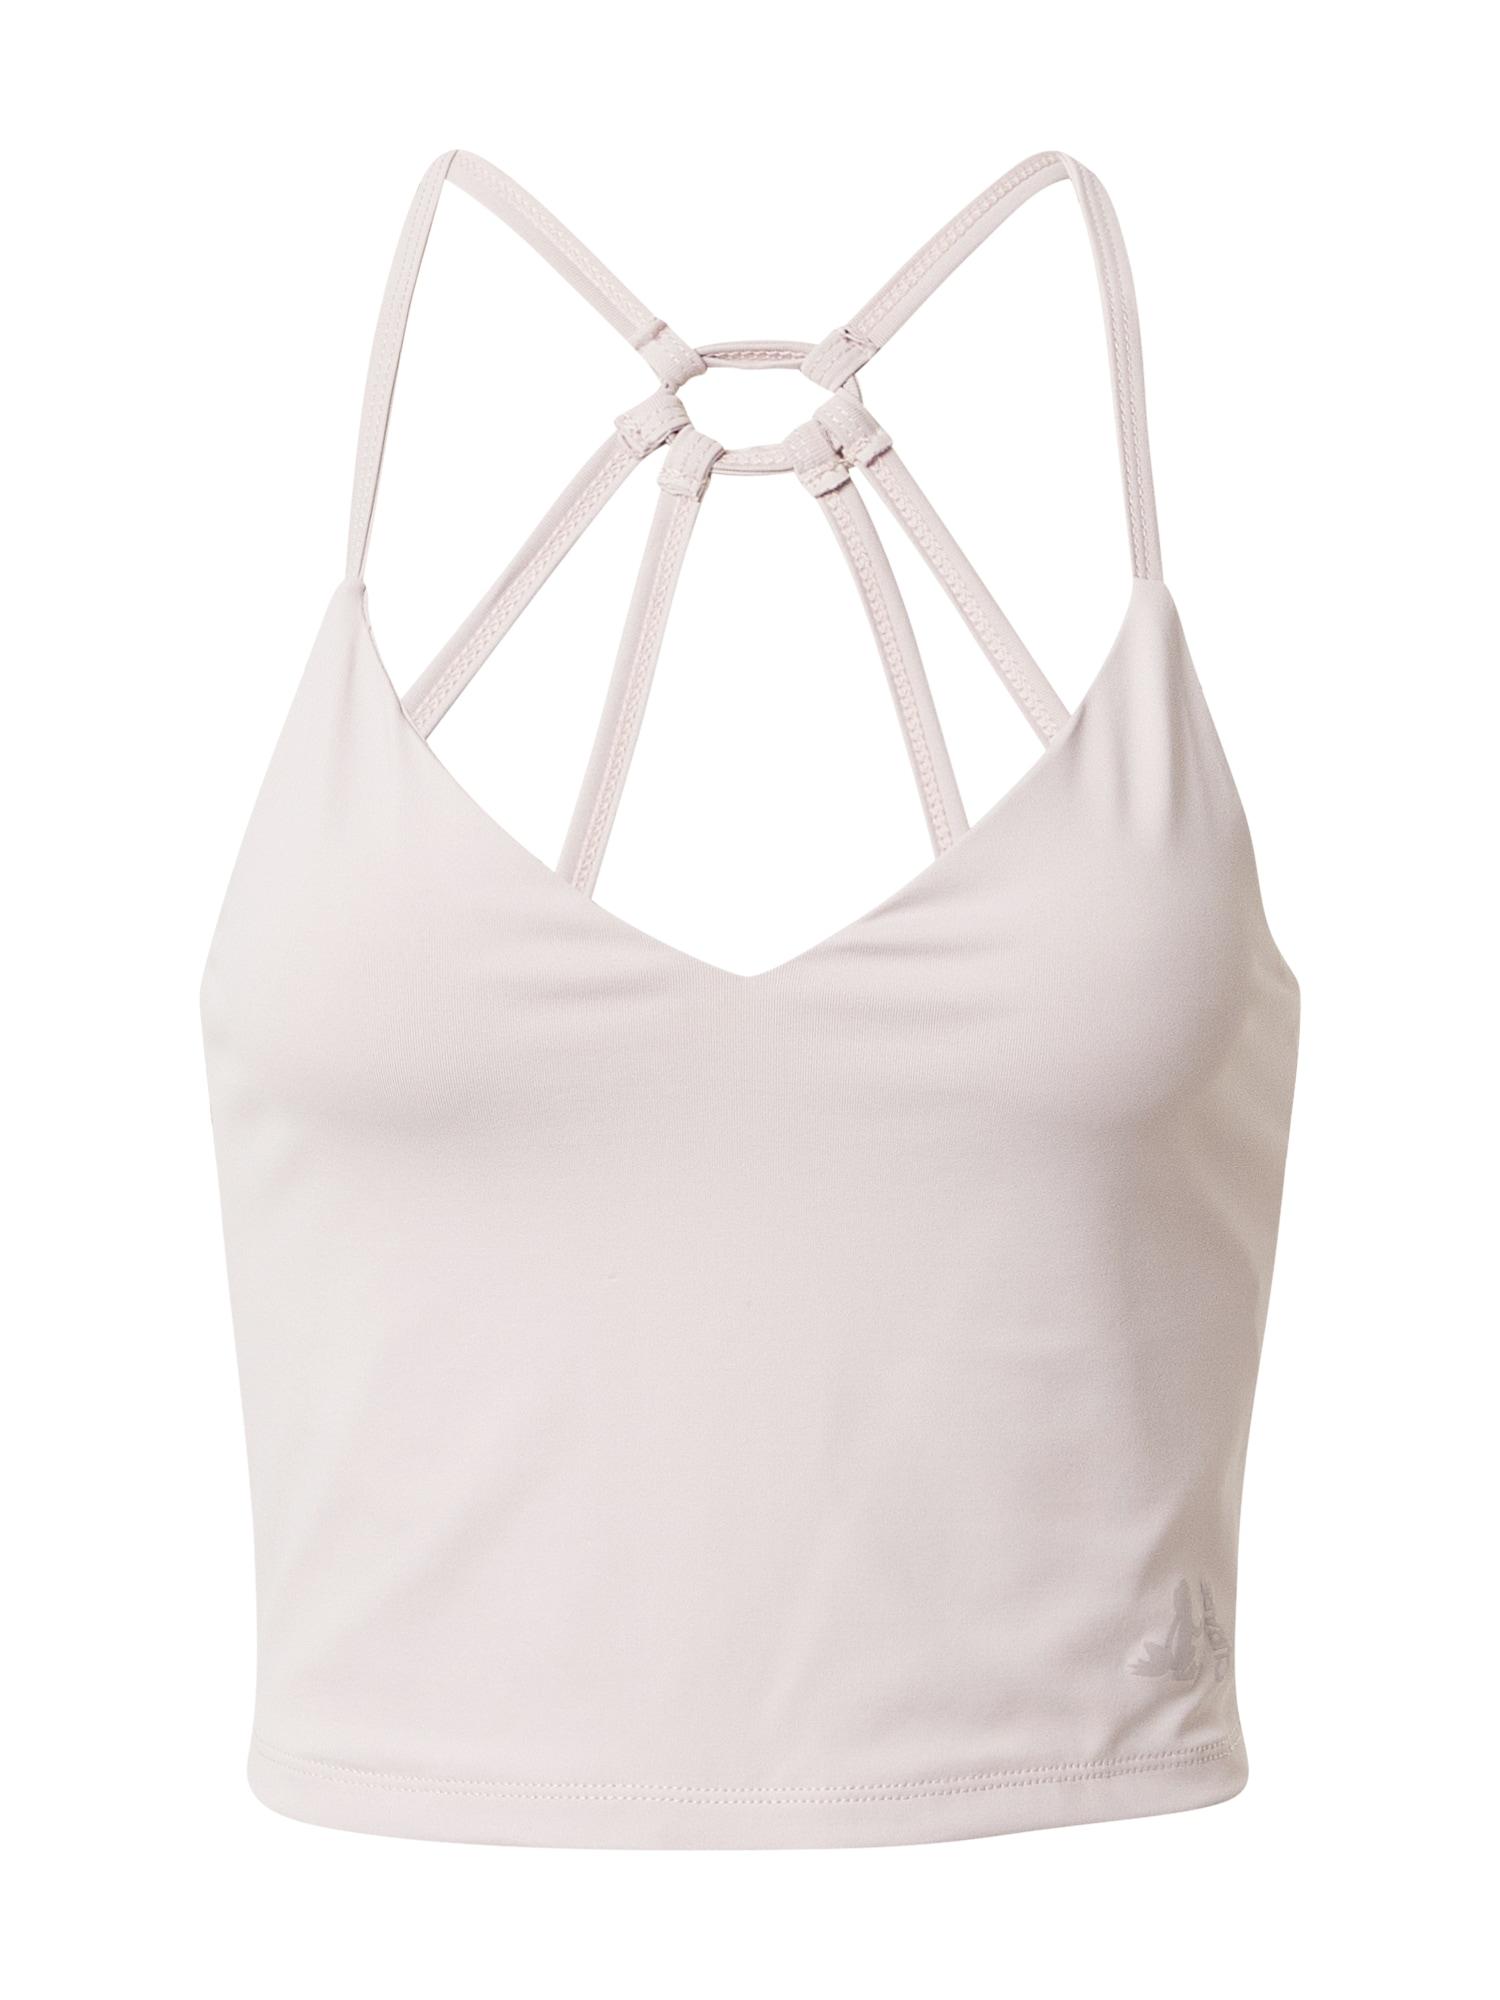 CURARE Yogawear Sportiniai marškinėliai be rankovių pudros spalva